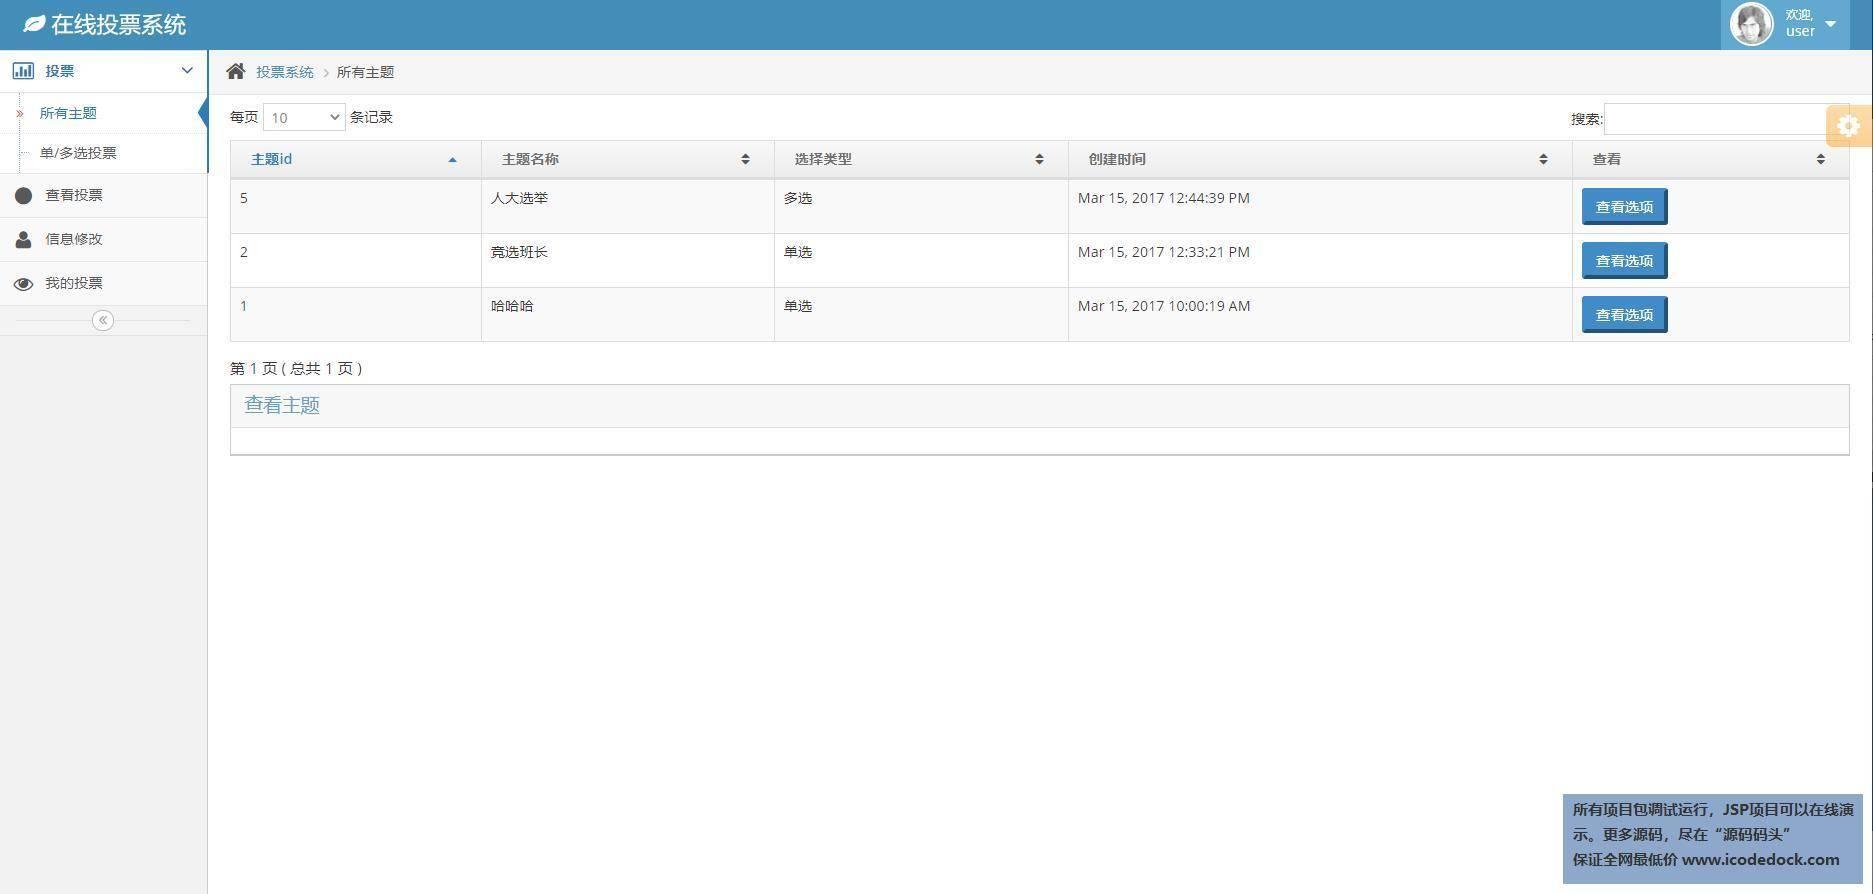 源码码头-SSH在线调查问卷管理系统-用户角色-查看主题